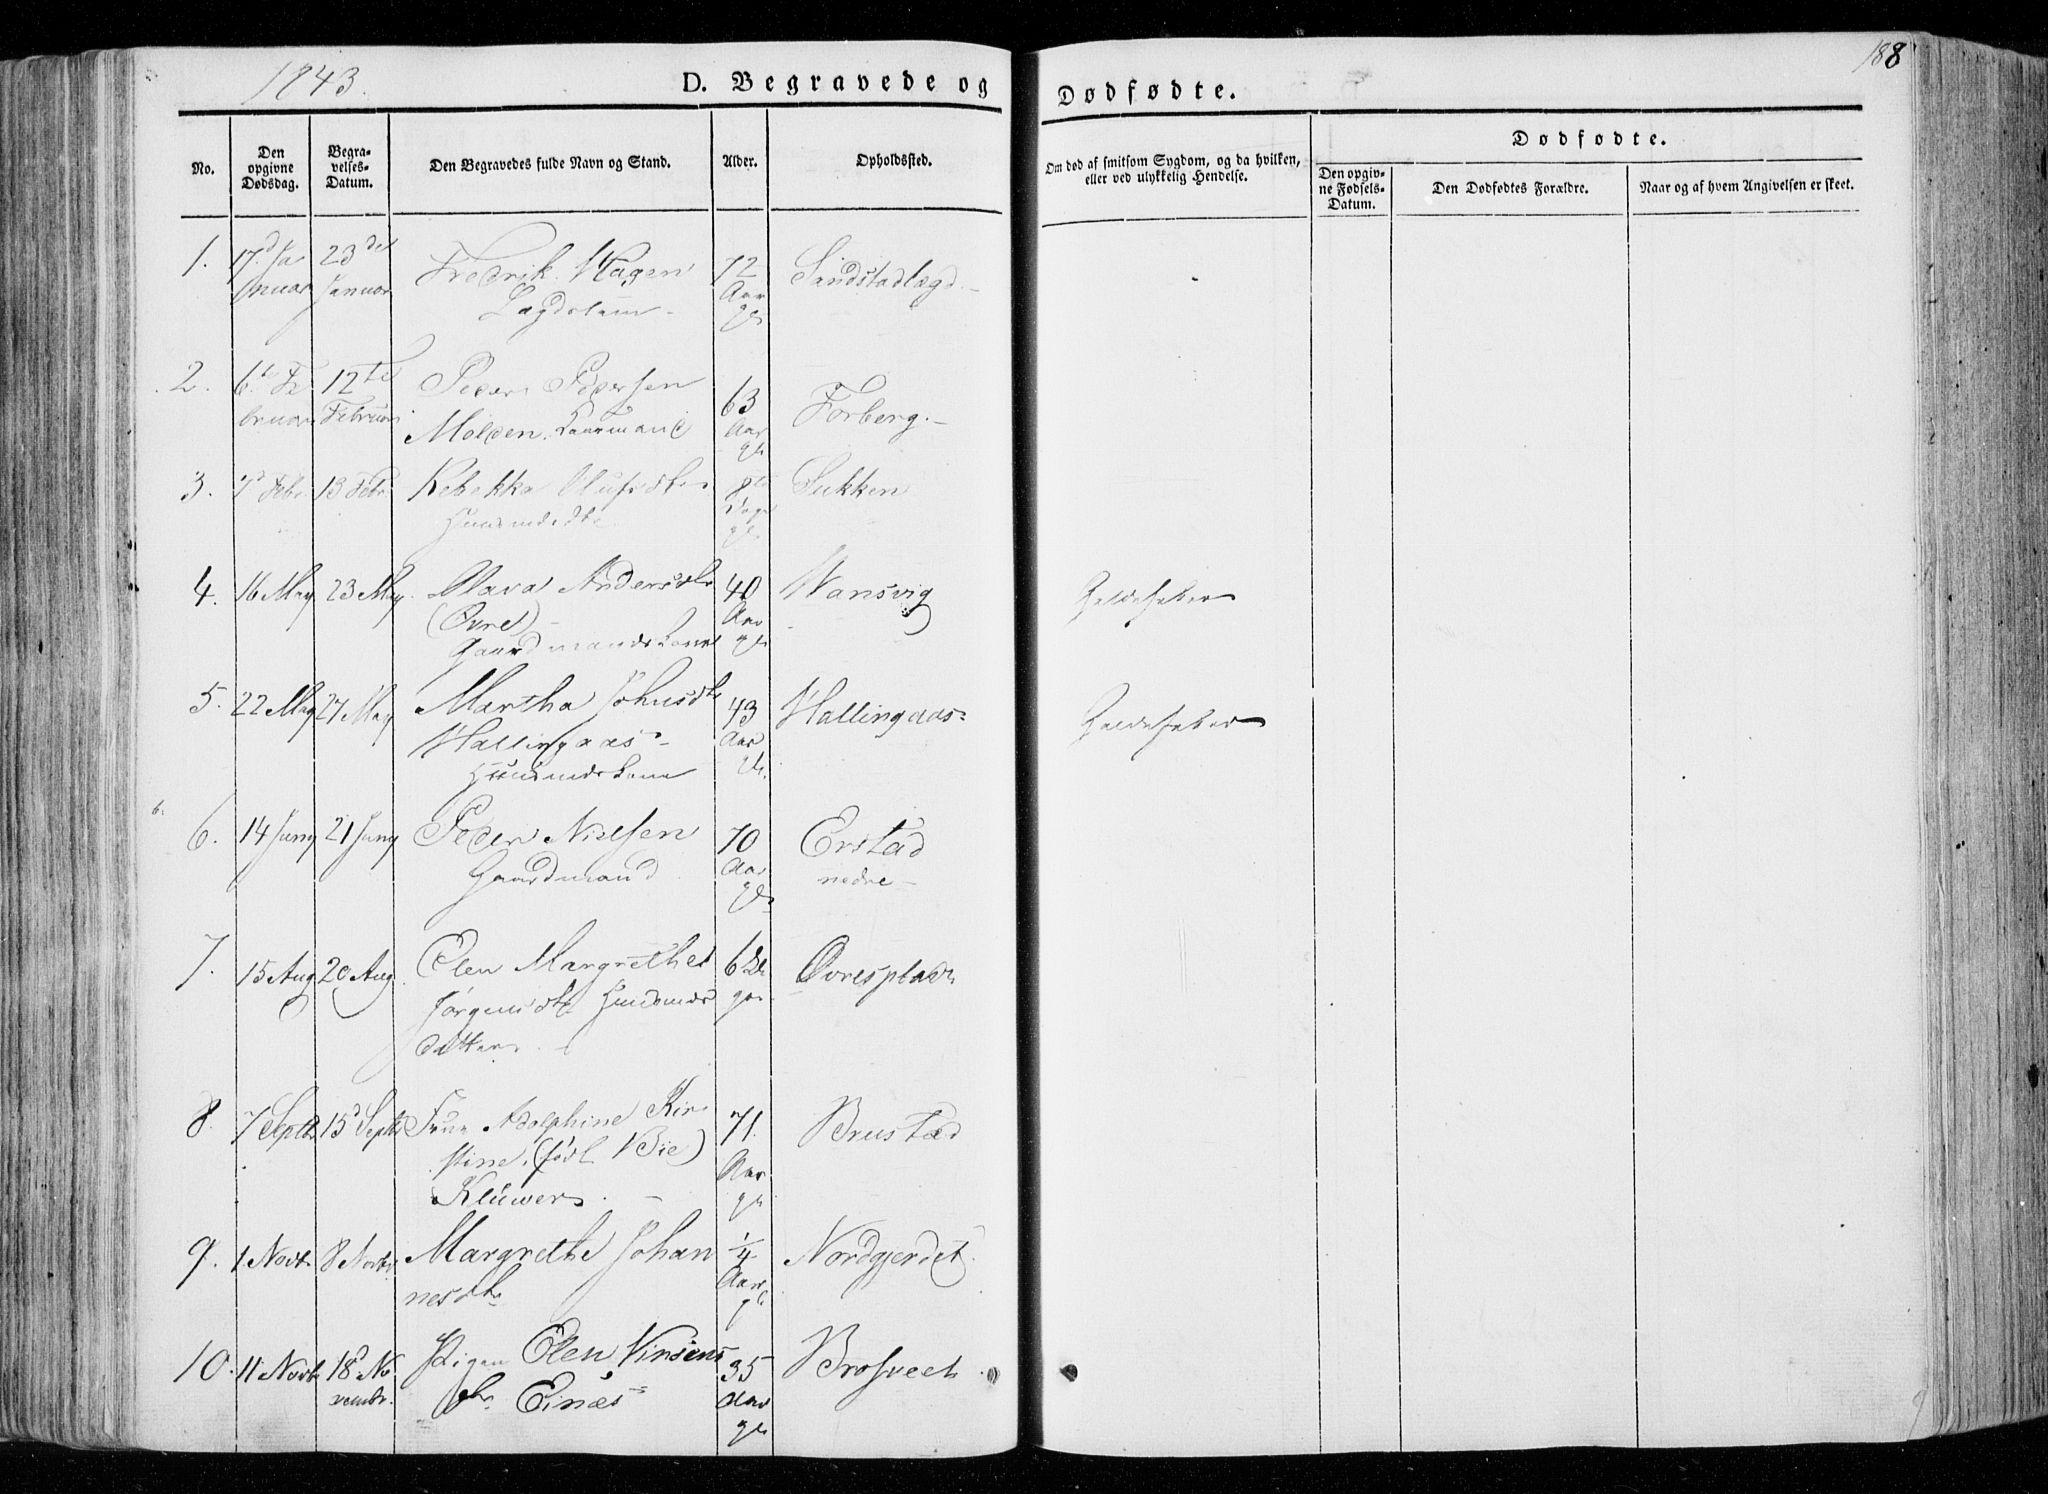 SAT, Ministerialprotokoller, klokkerbøker og fødselsregistre - Nord-Trøndelag, 722/L0218: Ministerialbok nr. 722A05, 1843-1868, s. 188